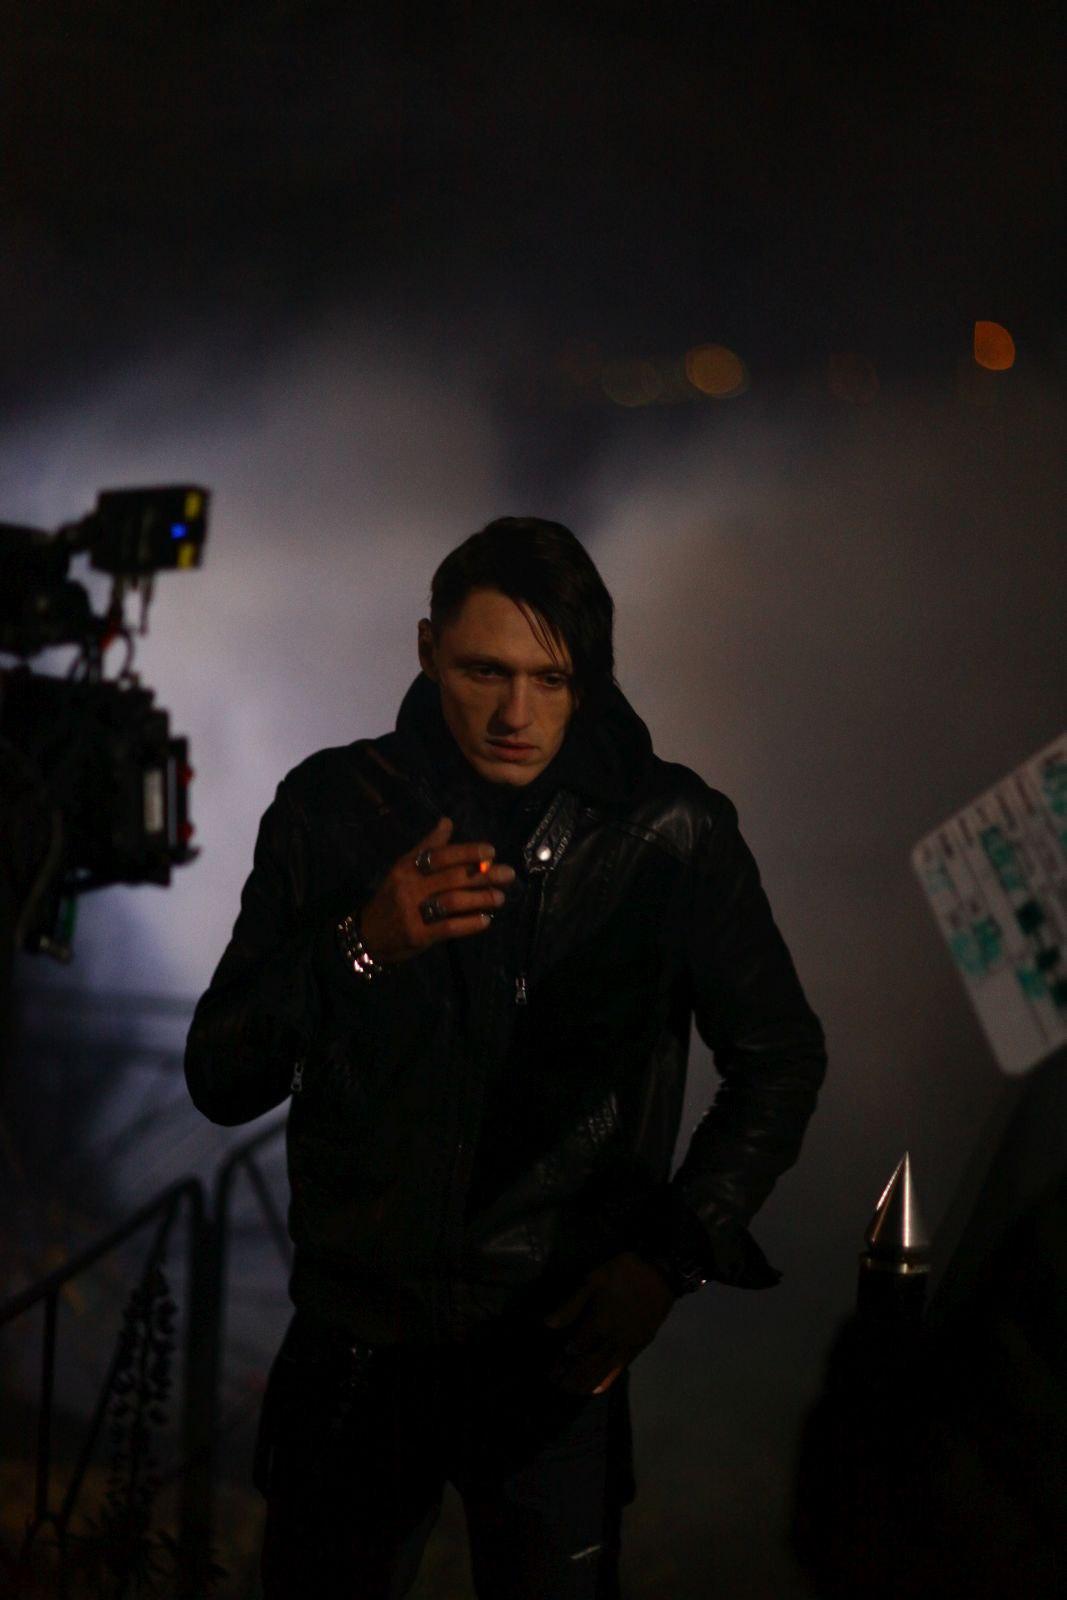 В Подмосковном городе Истра прошли заключительные дни съёмок 8-серийного психологического детектива Тиграна Кеосаяна «Актриса» с Катериной Шпицей и Владимиром Капустиным в главных ролях, сообщает пресс-служба телеканала НТВ.